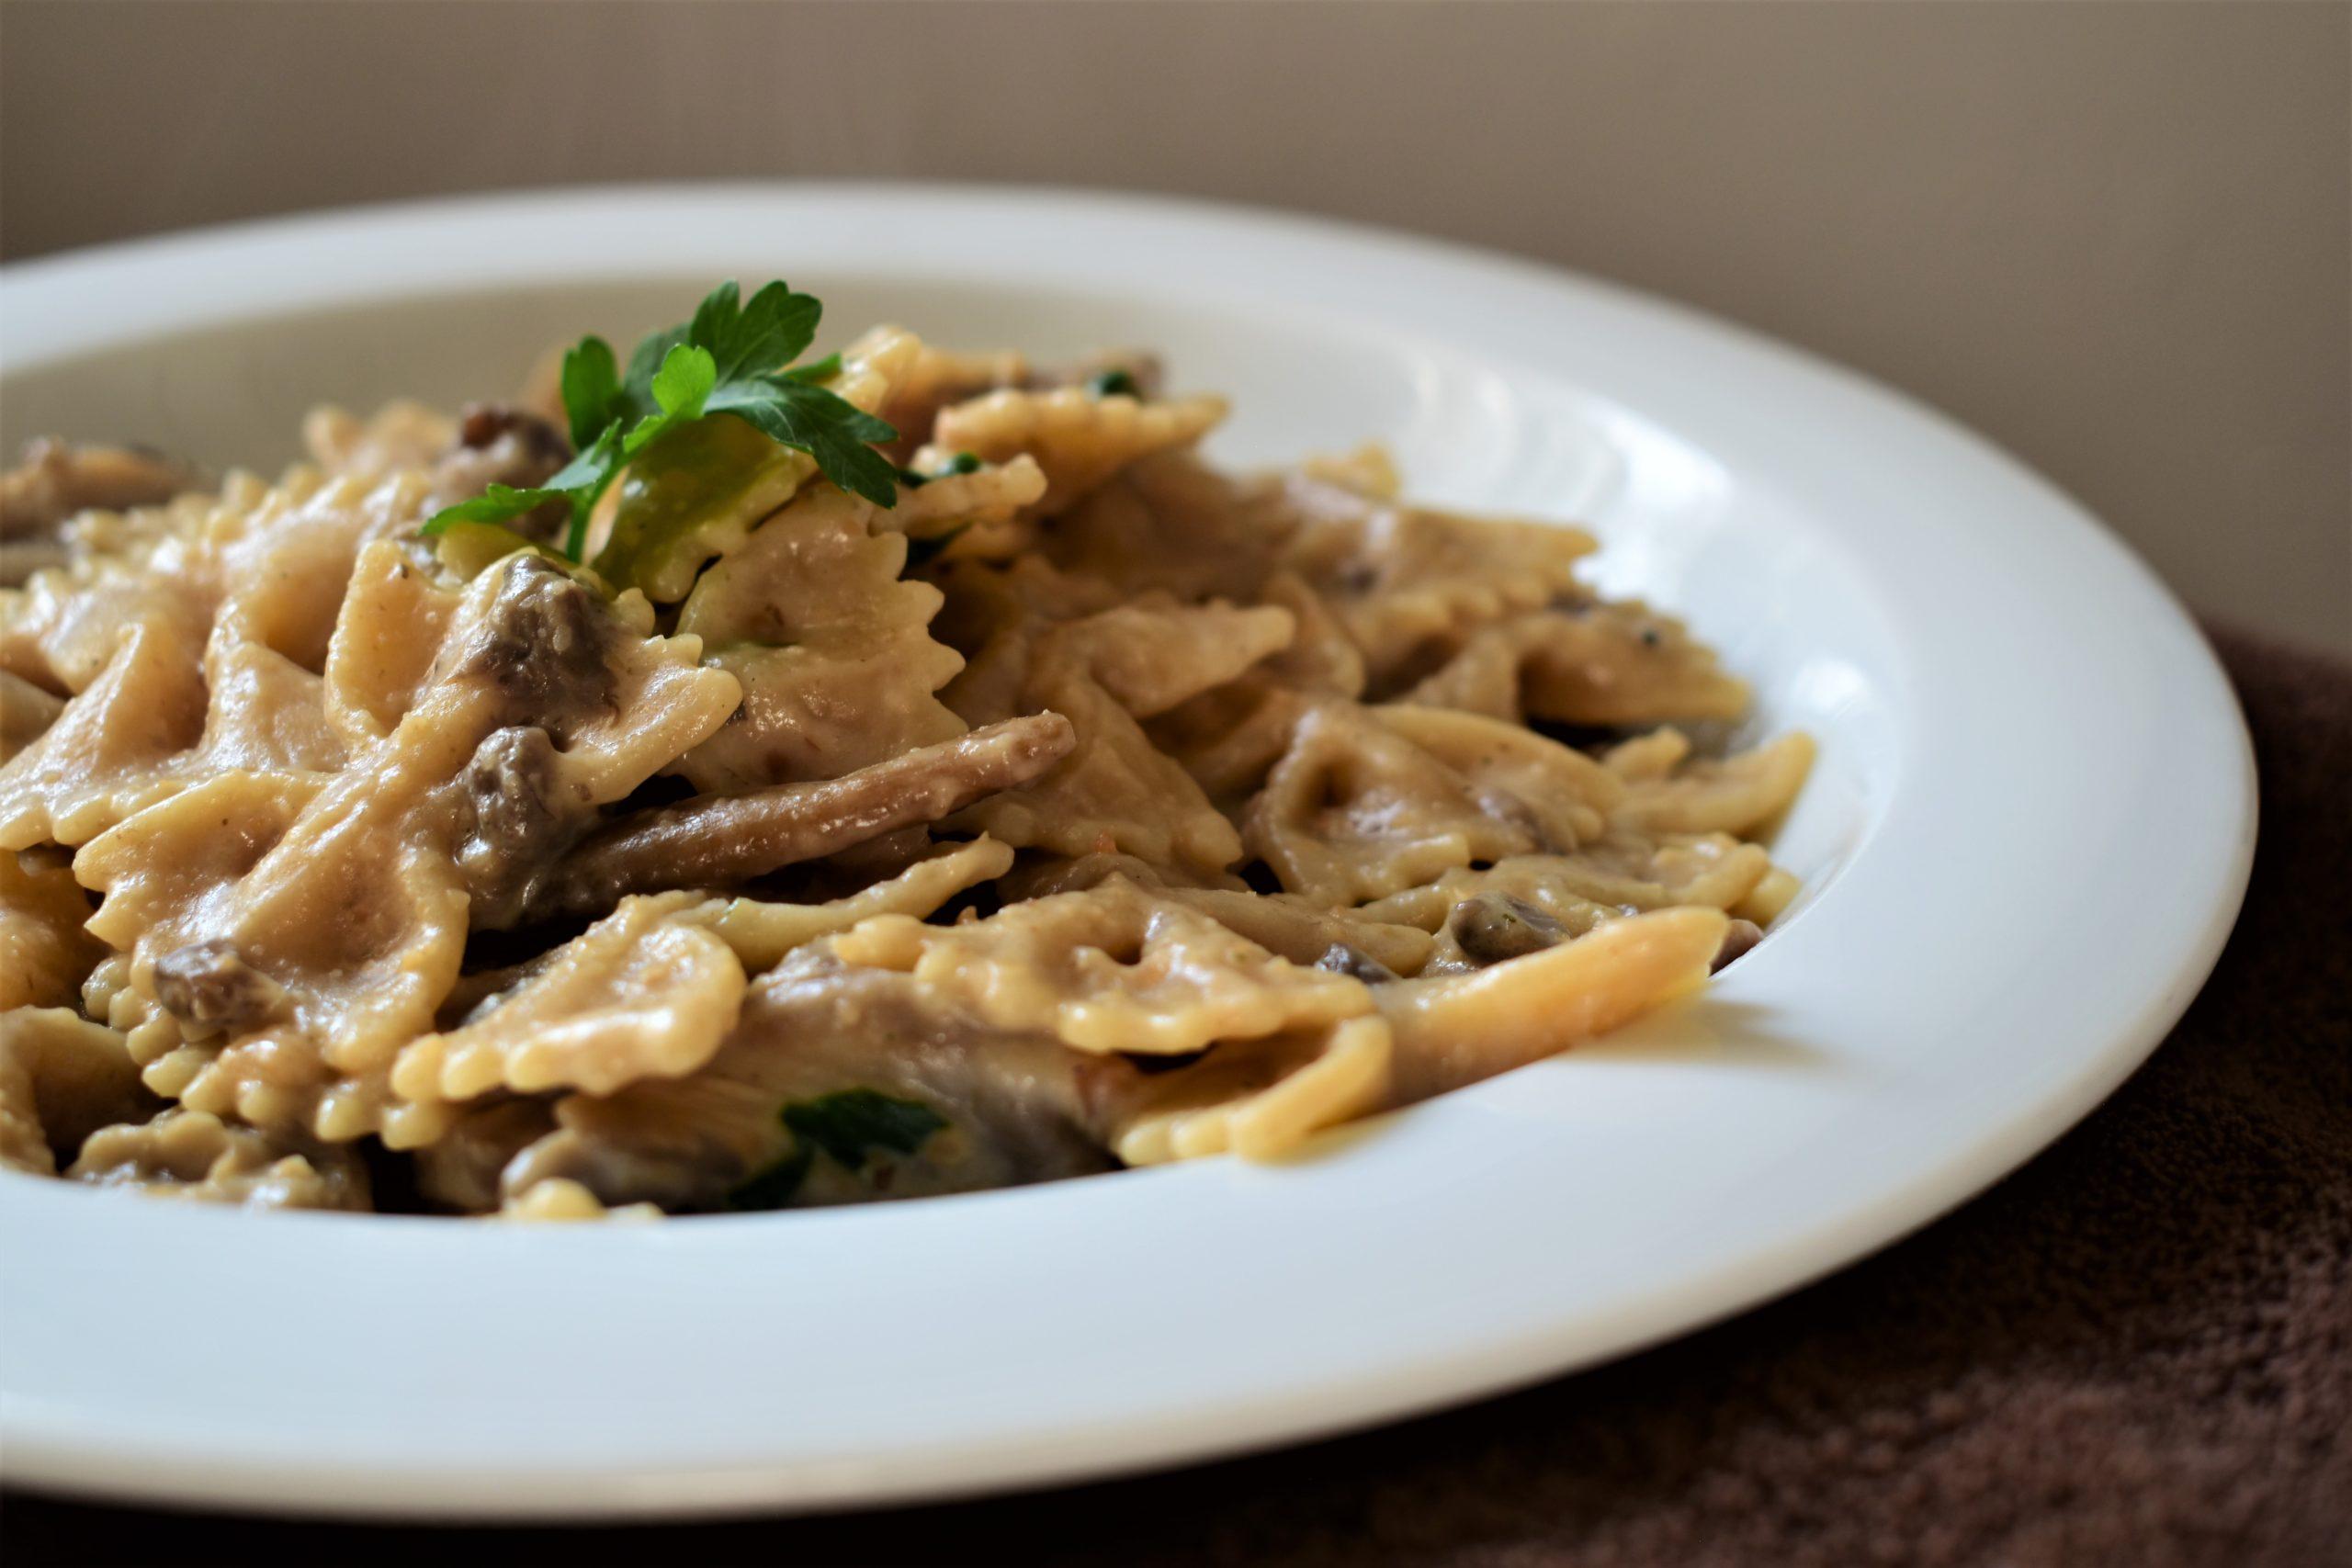 Peanut bechamel and mushrooms pasta